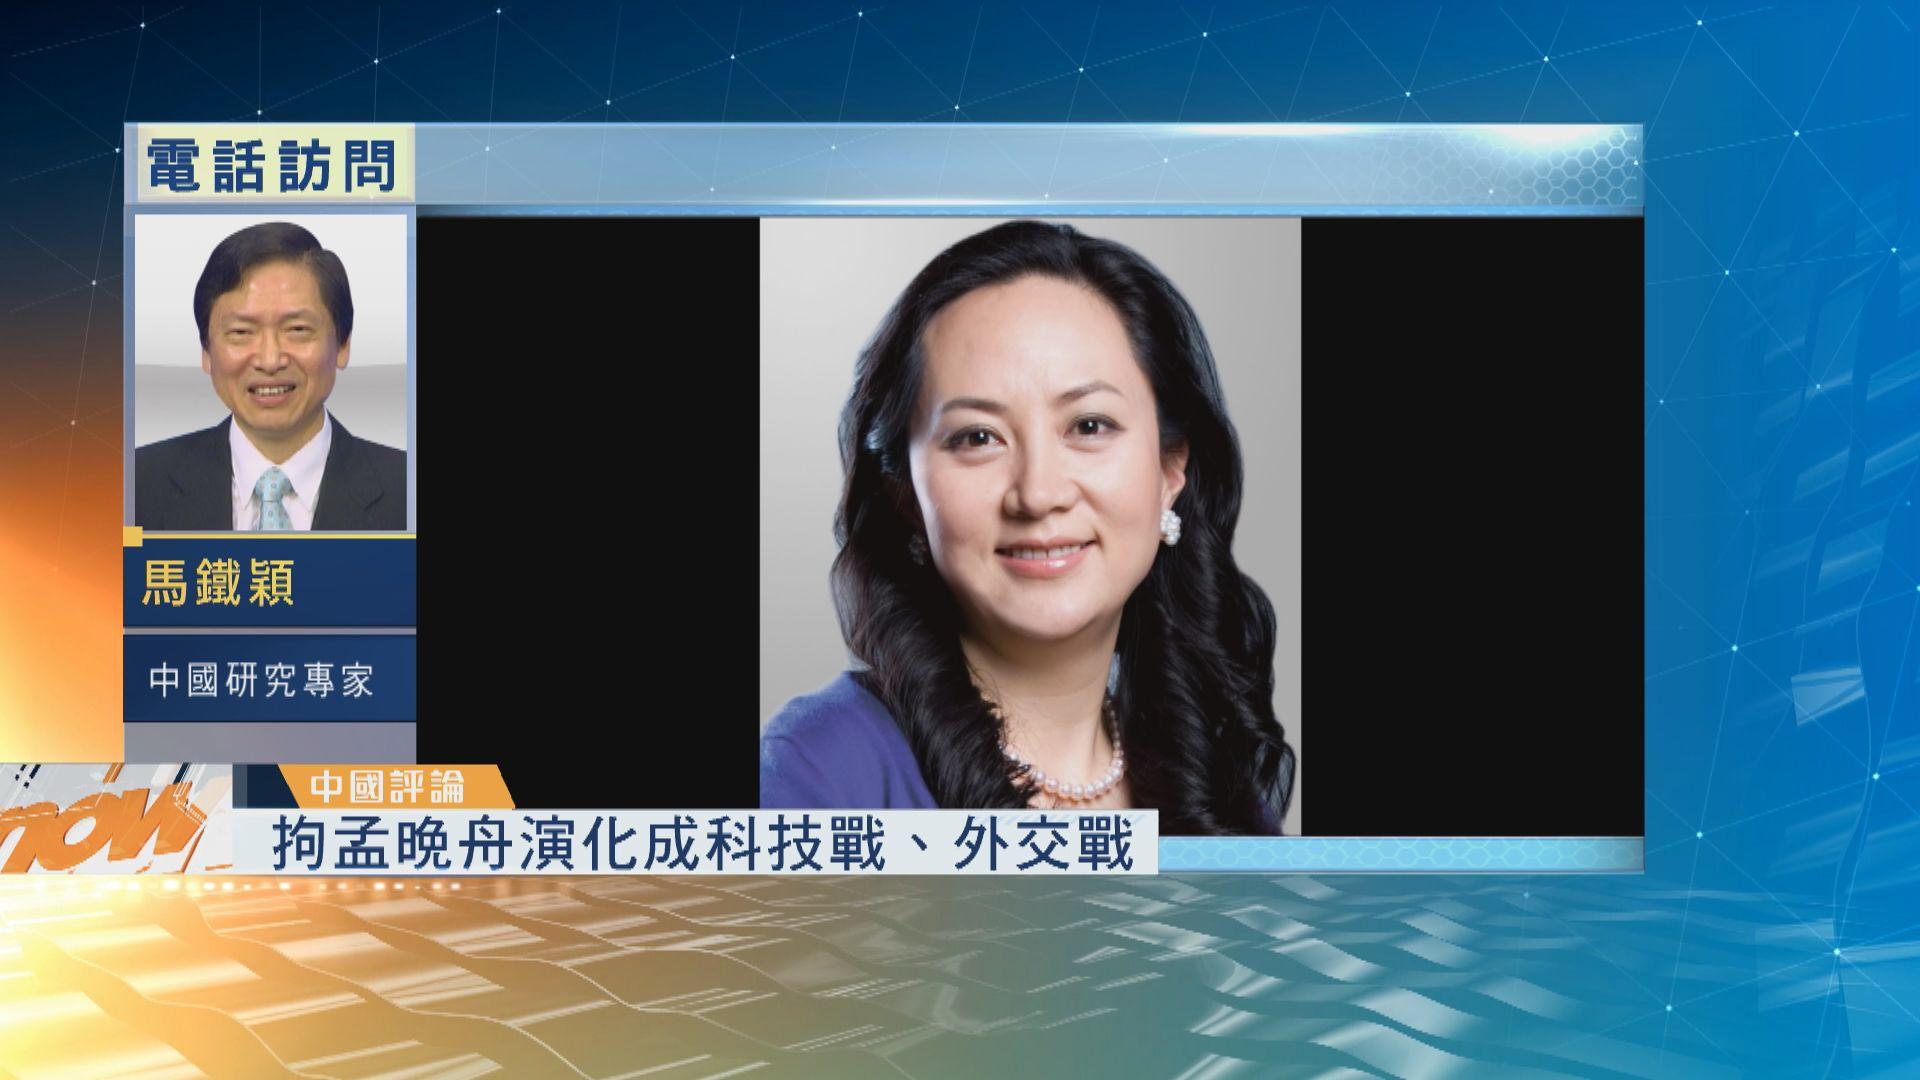 【中國評論】中國或以外交和司法手段報復美加